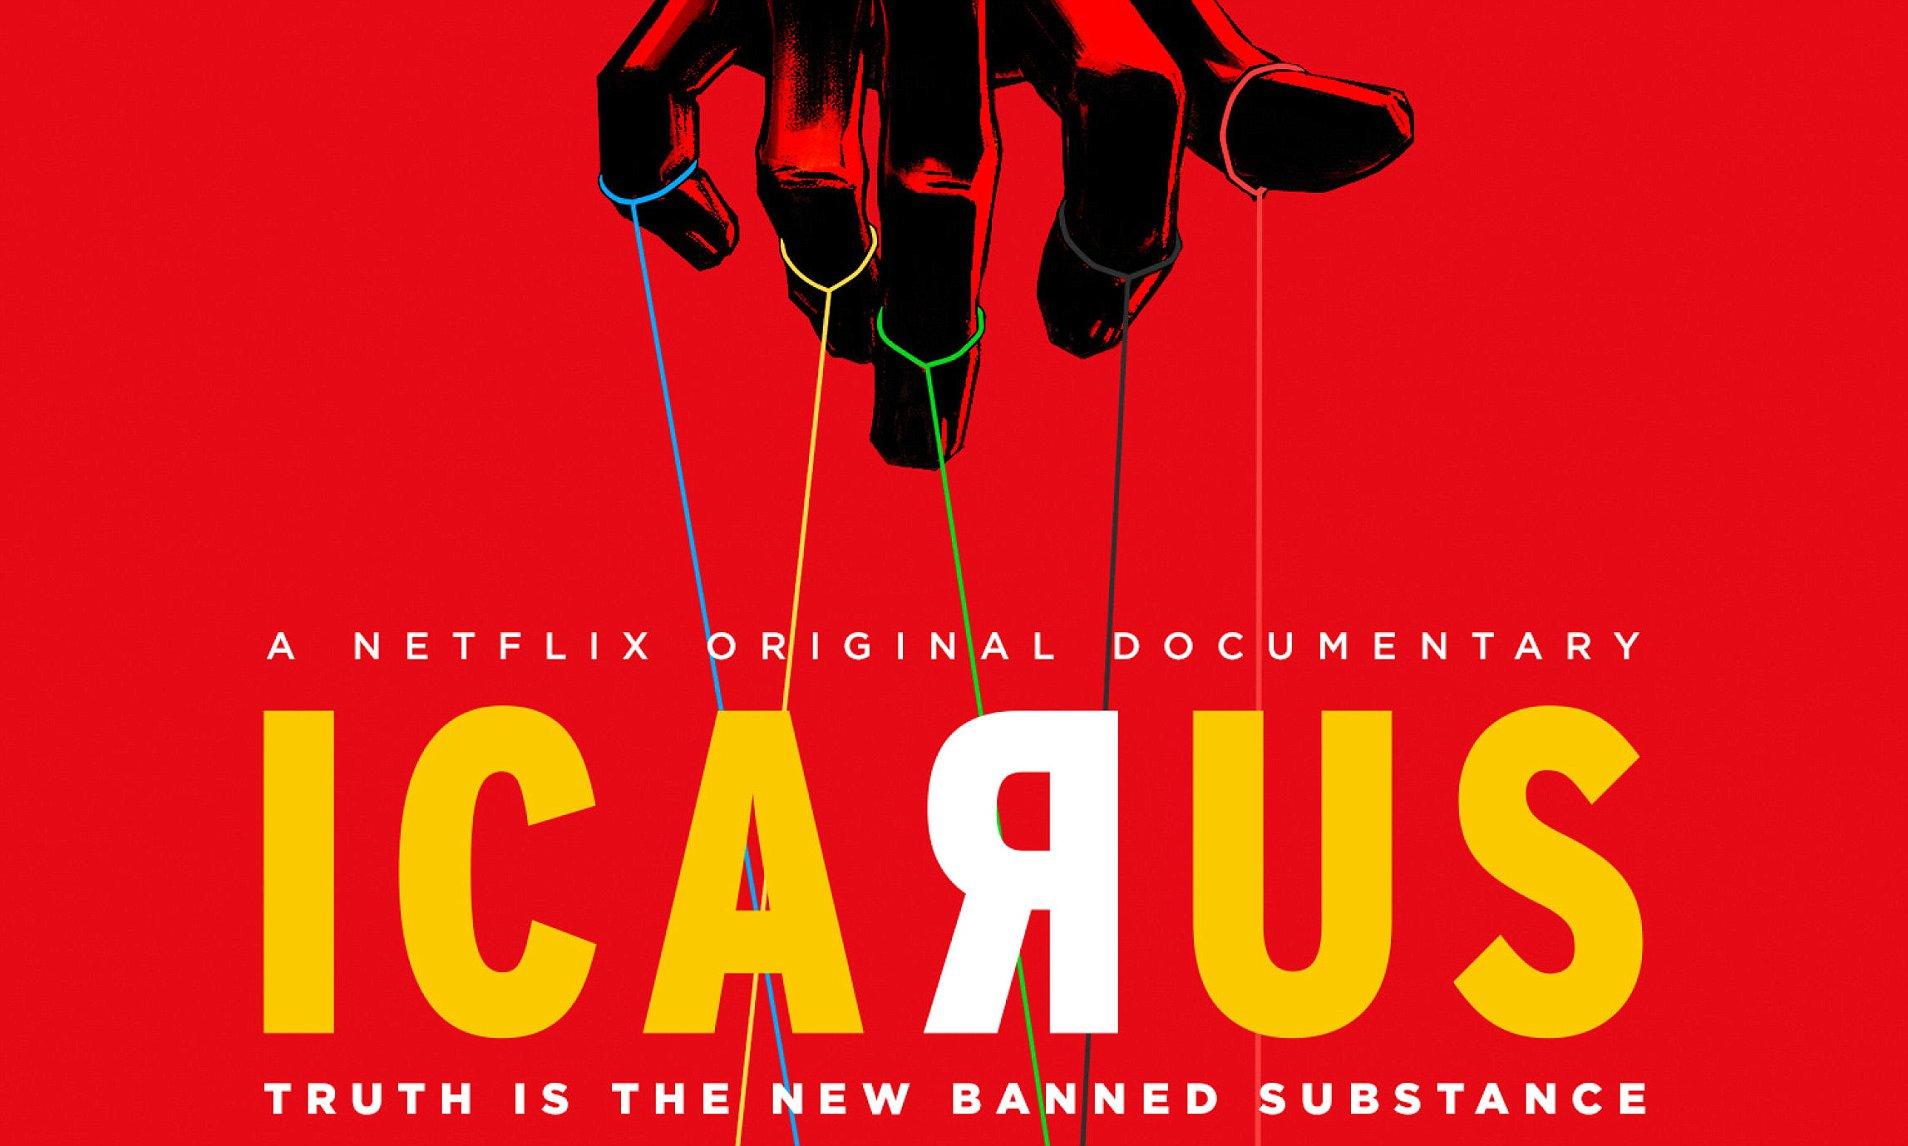 Icarus_documentary.jpg